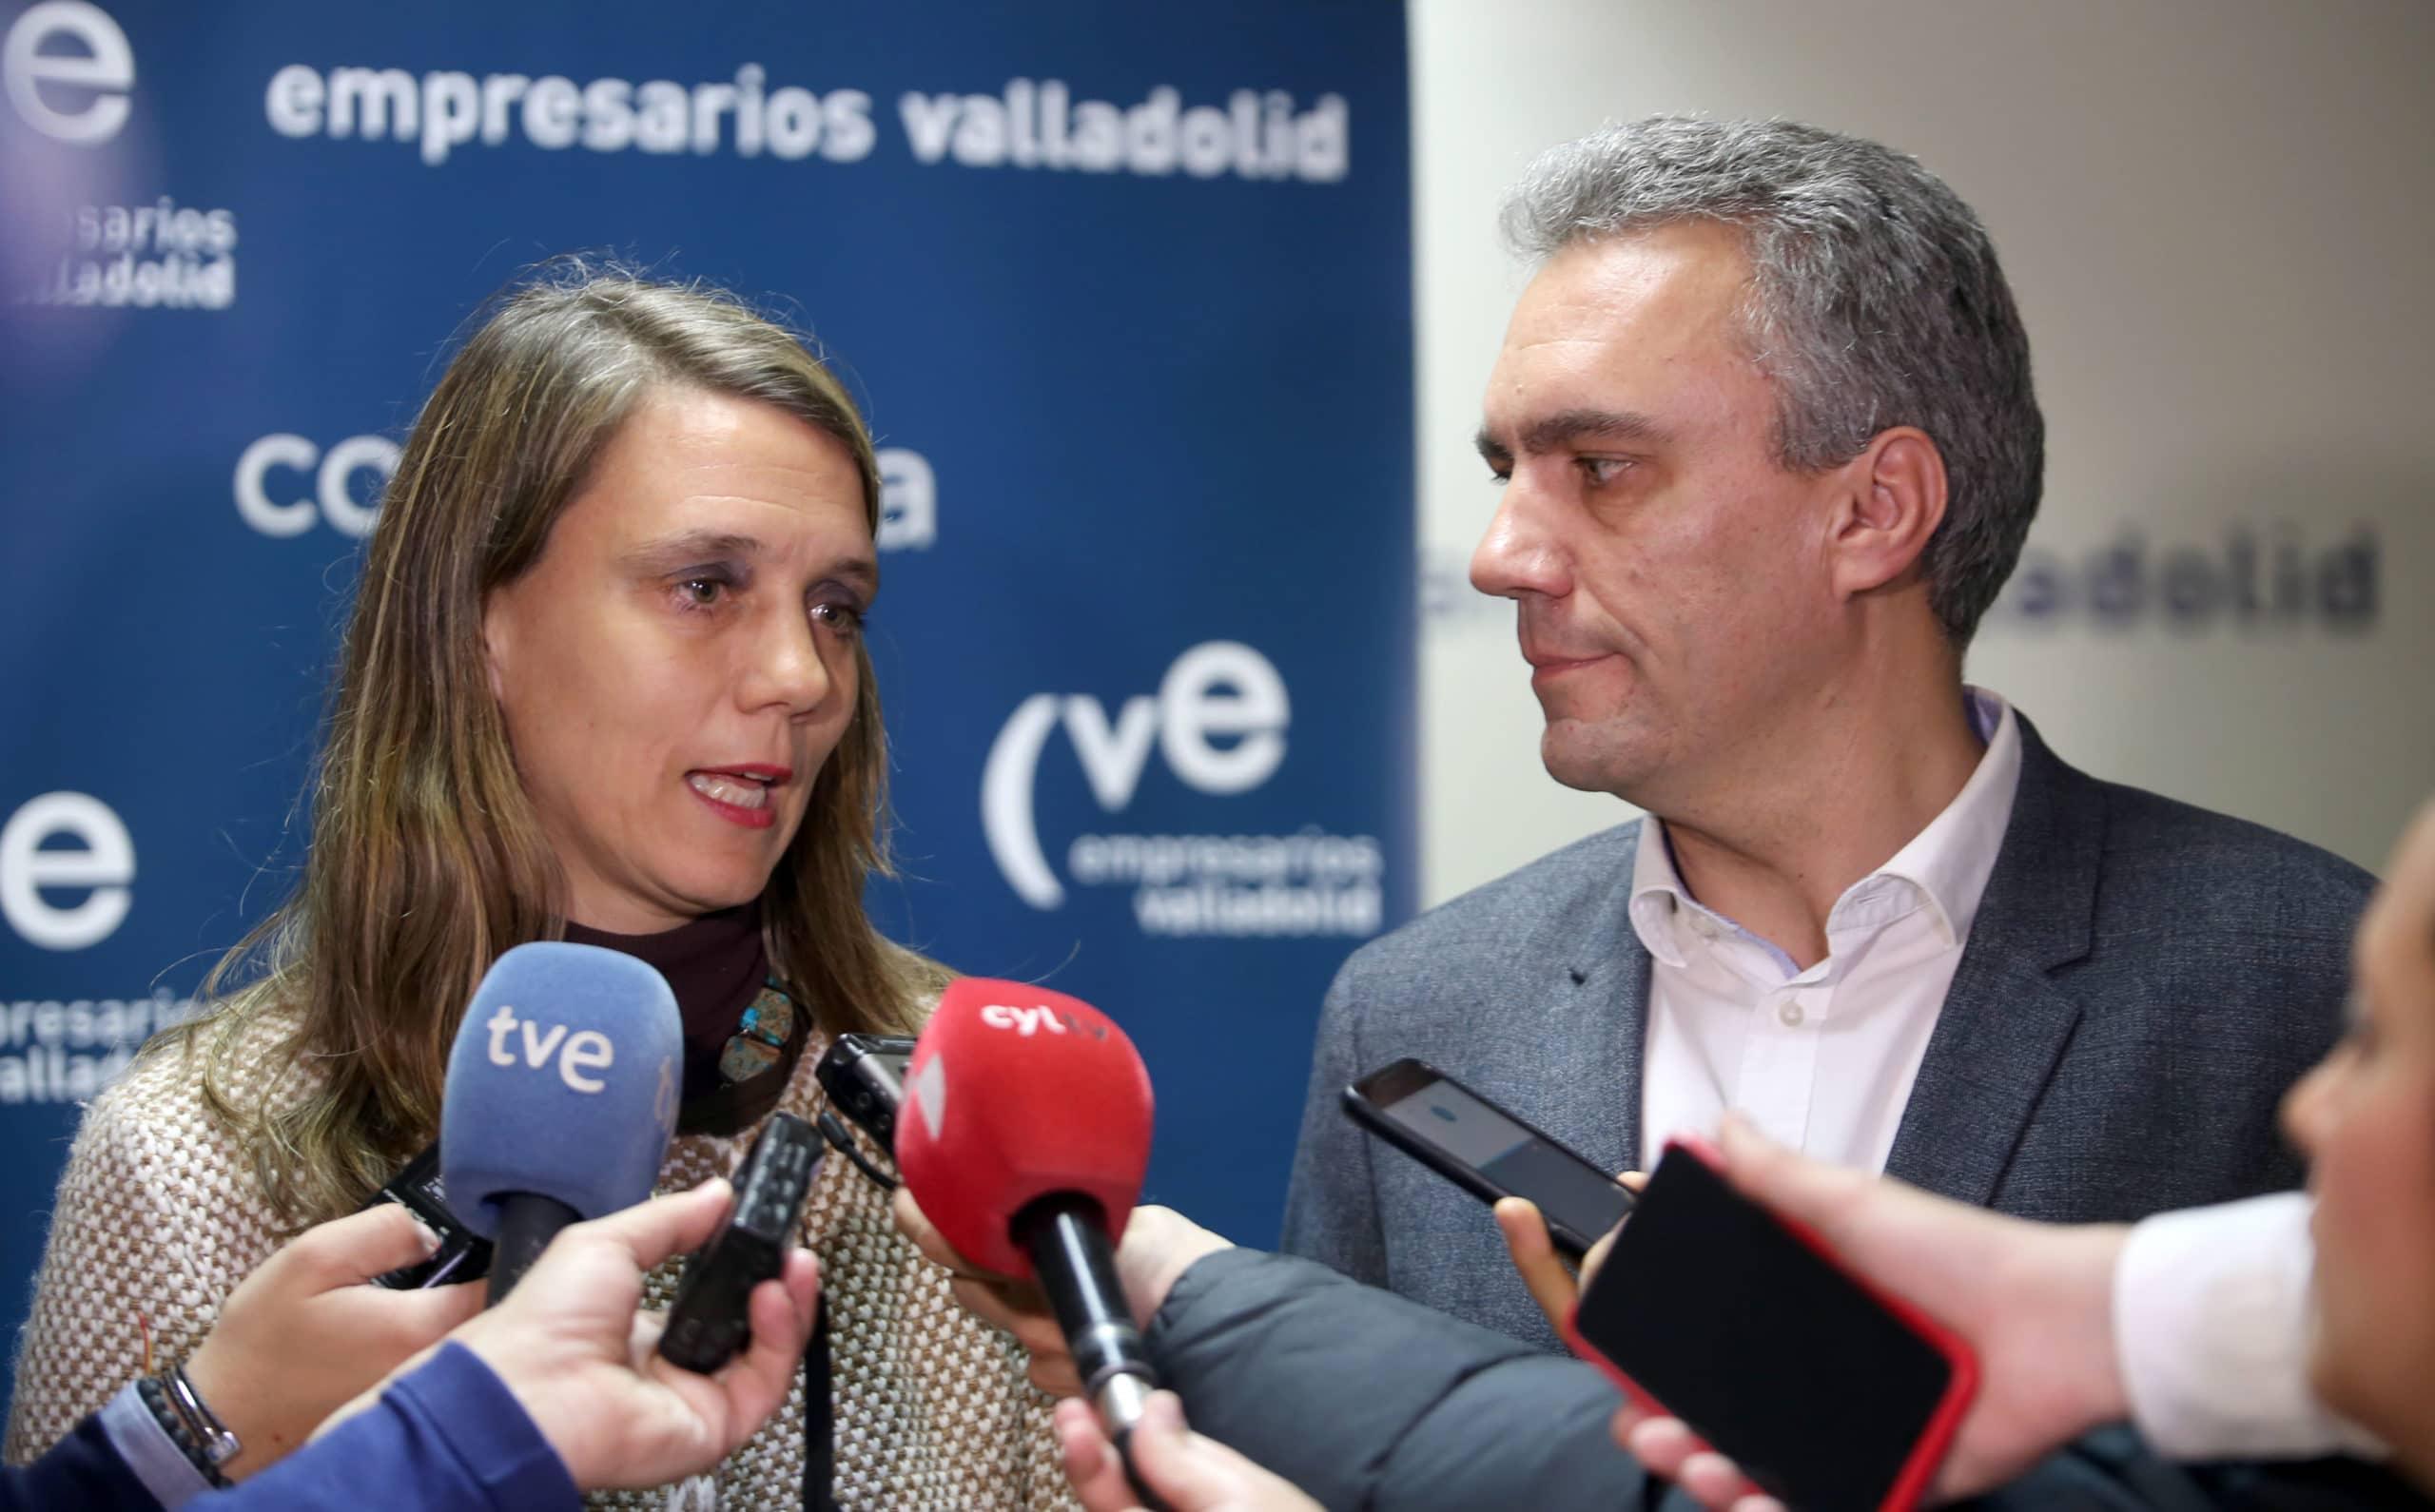 CVE pide al Gobierno test para quienes trabajen cara al público